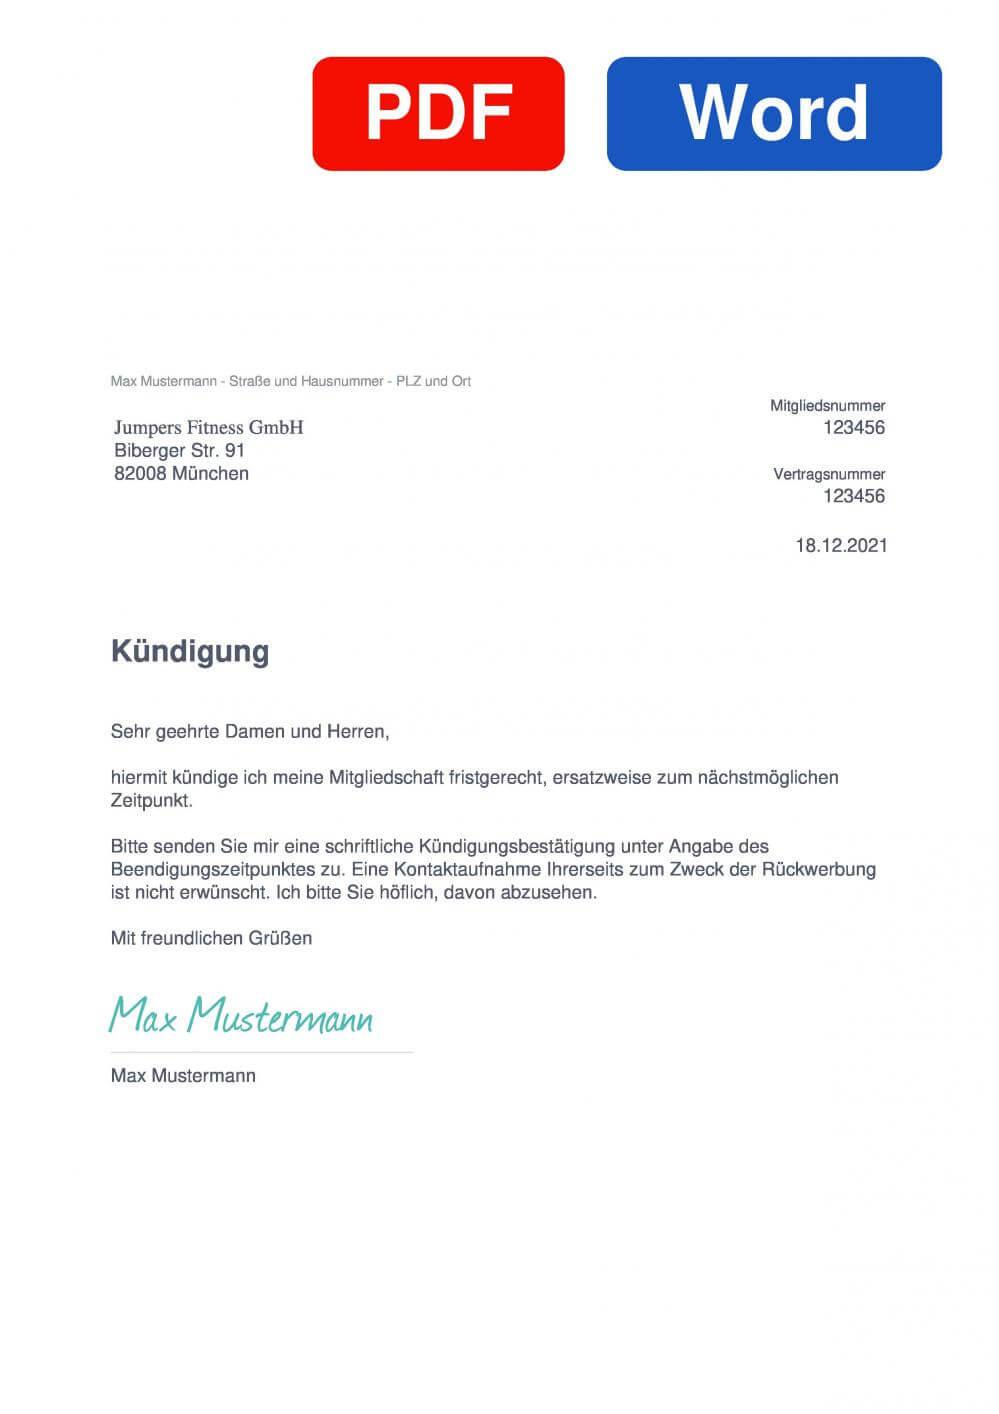 jumpers München Muster Vorlage für Kündigungsschreiben